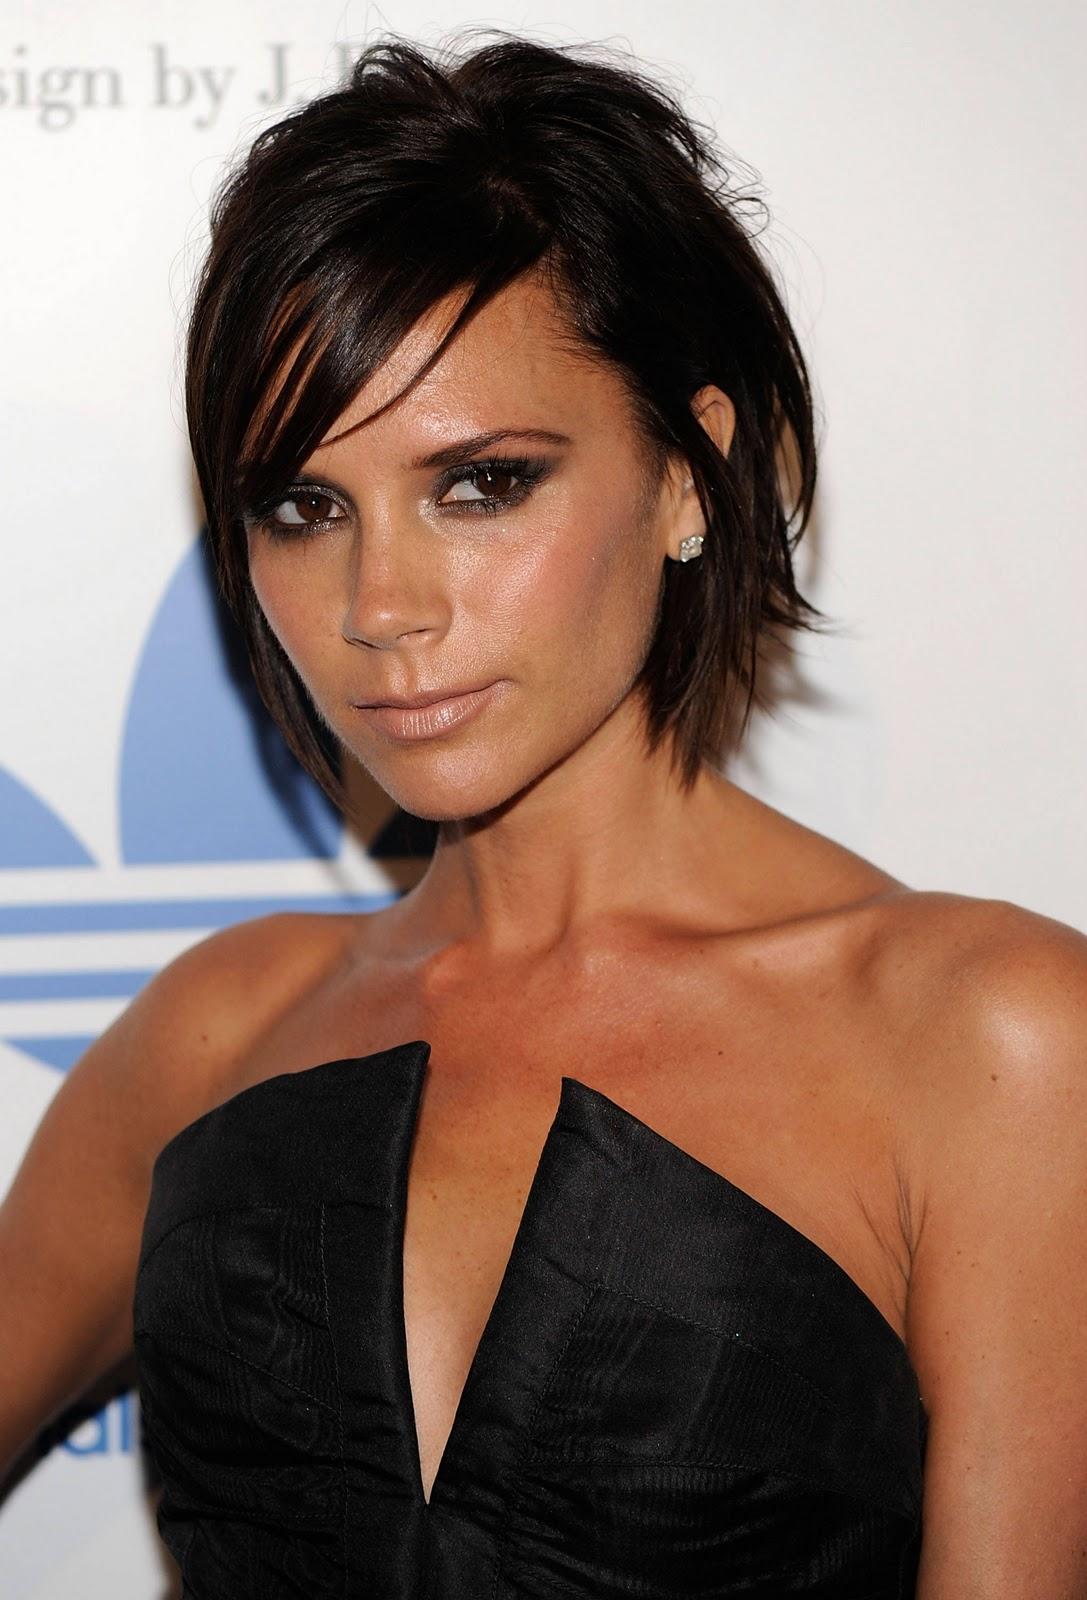 http://2.bp.blogspot.com/-sDxG4ZIGzRM/TrTjTZEmmeI/AAAAAAAAEGw/mz05gAlxHhU/s1600/victoria-beckham-hairstyles+%25284%2529.jpg